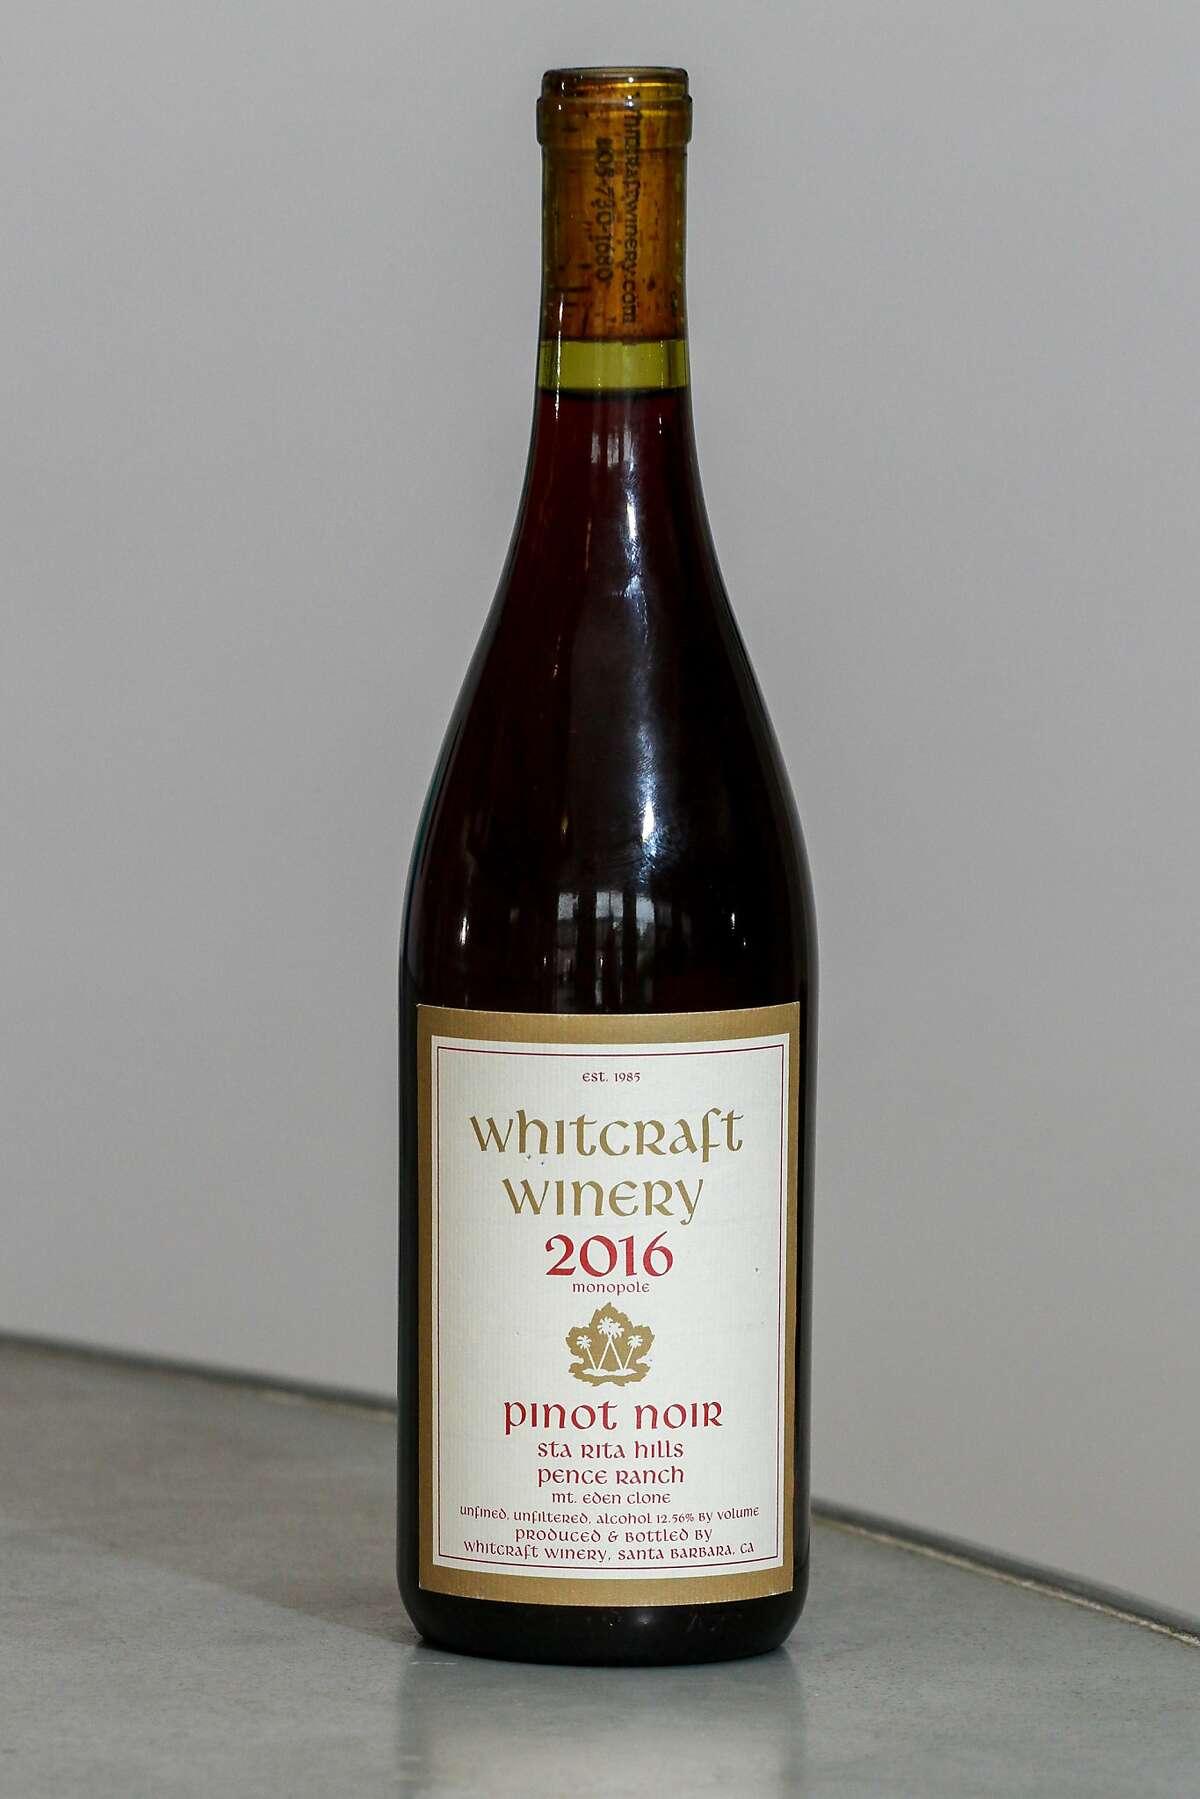 Whitcraft Winery 2016 Pinot Noir Sta Rita Hills Pence Ranch.